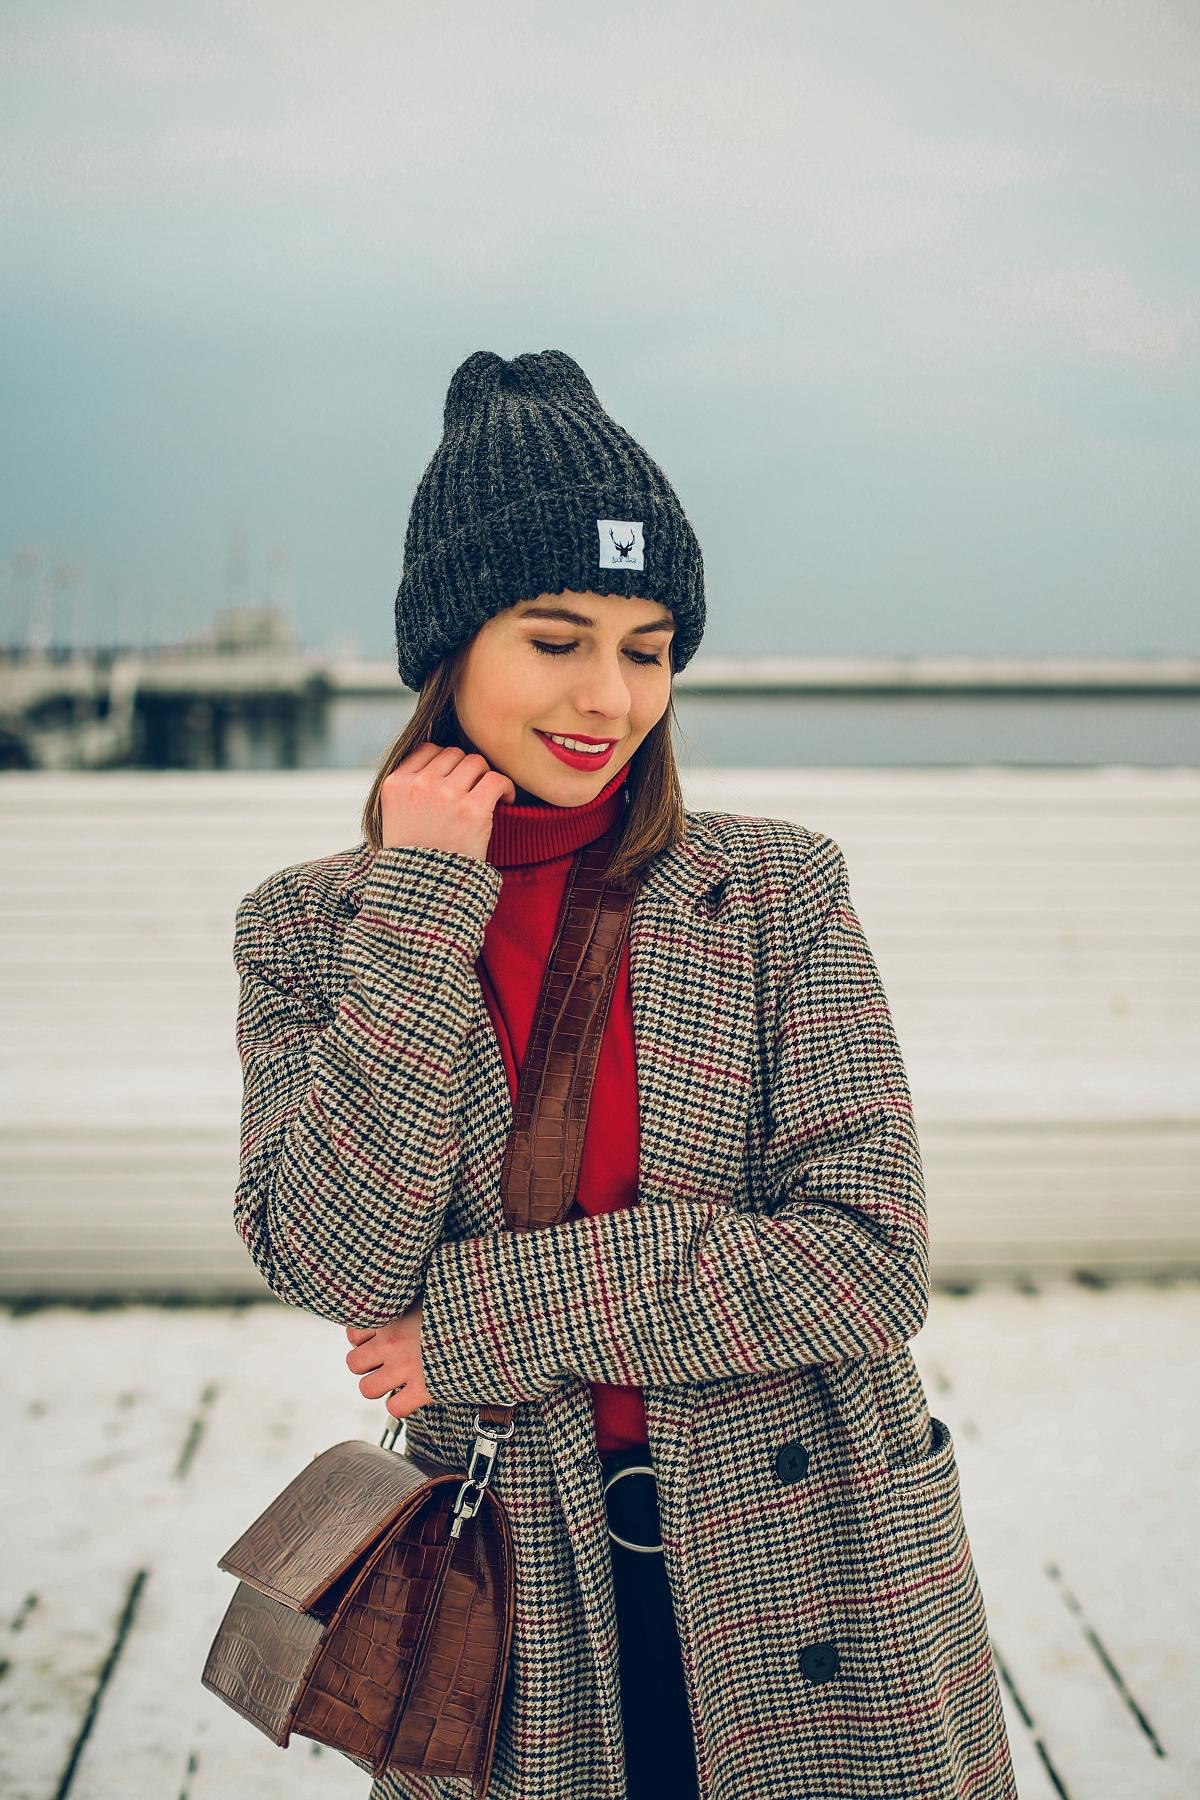 zimowa stylizacja blog modowy czerwony golf sopot torebka fabiola